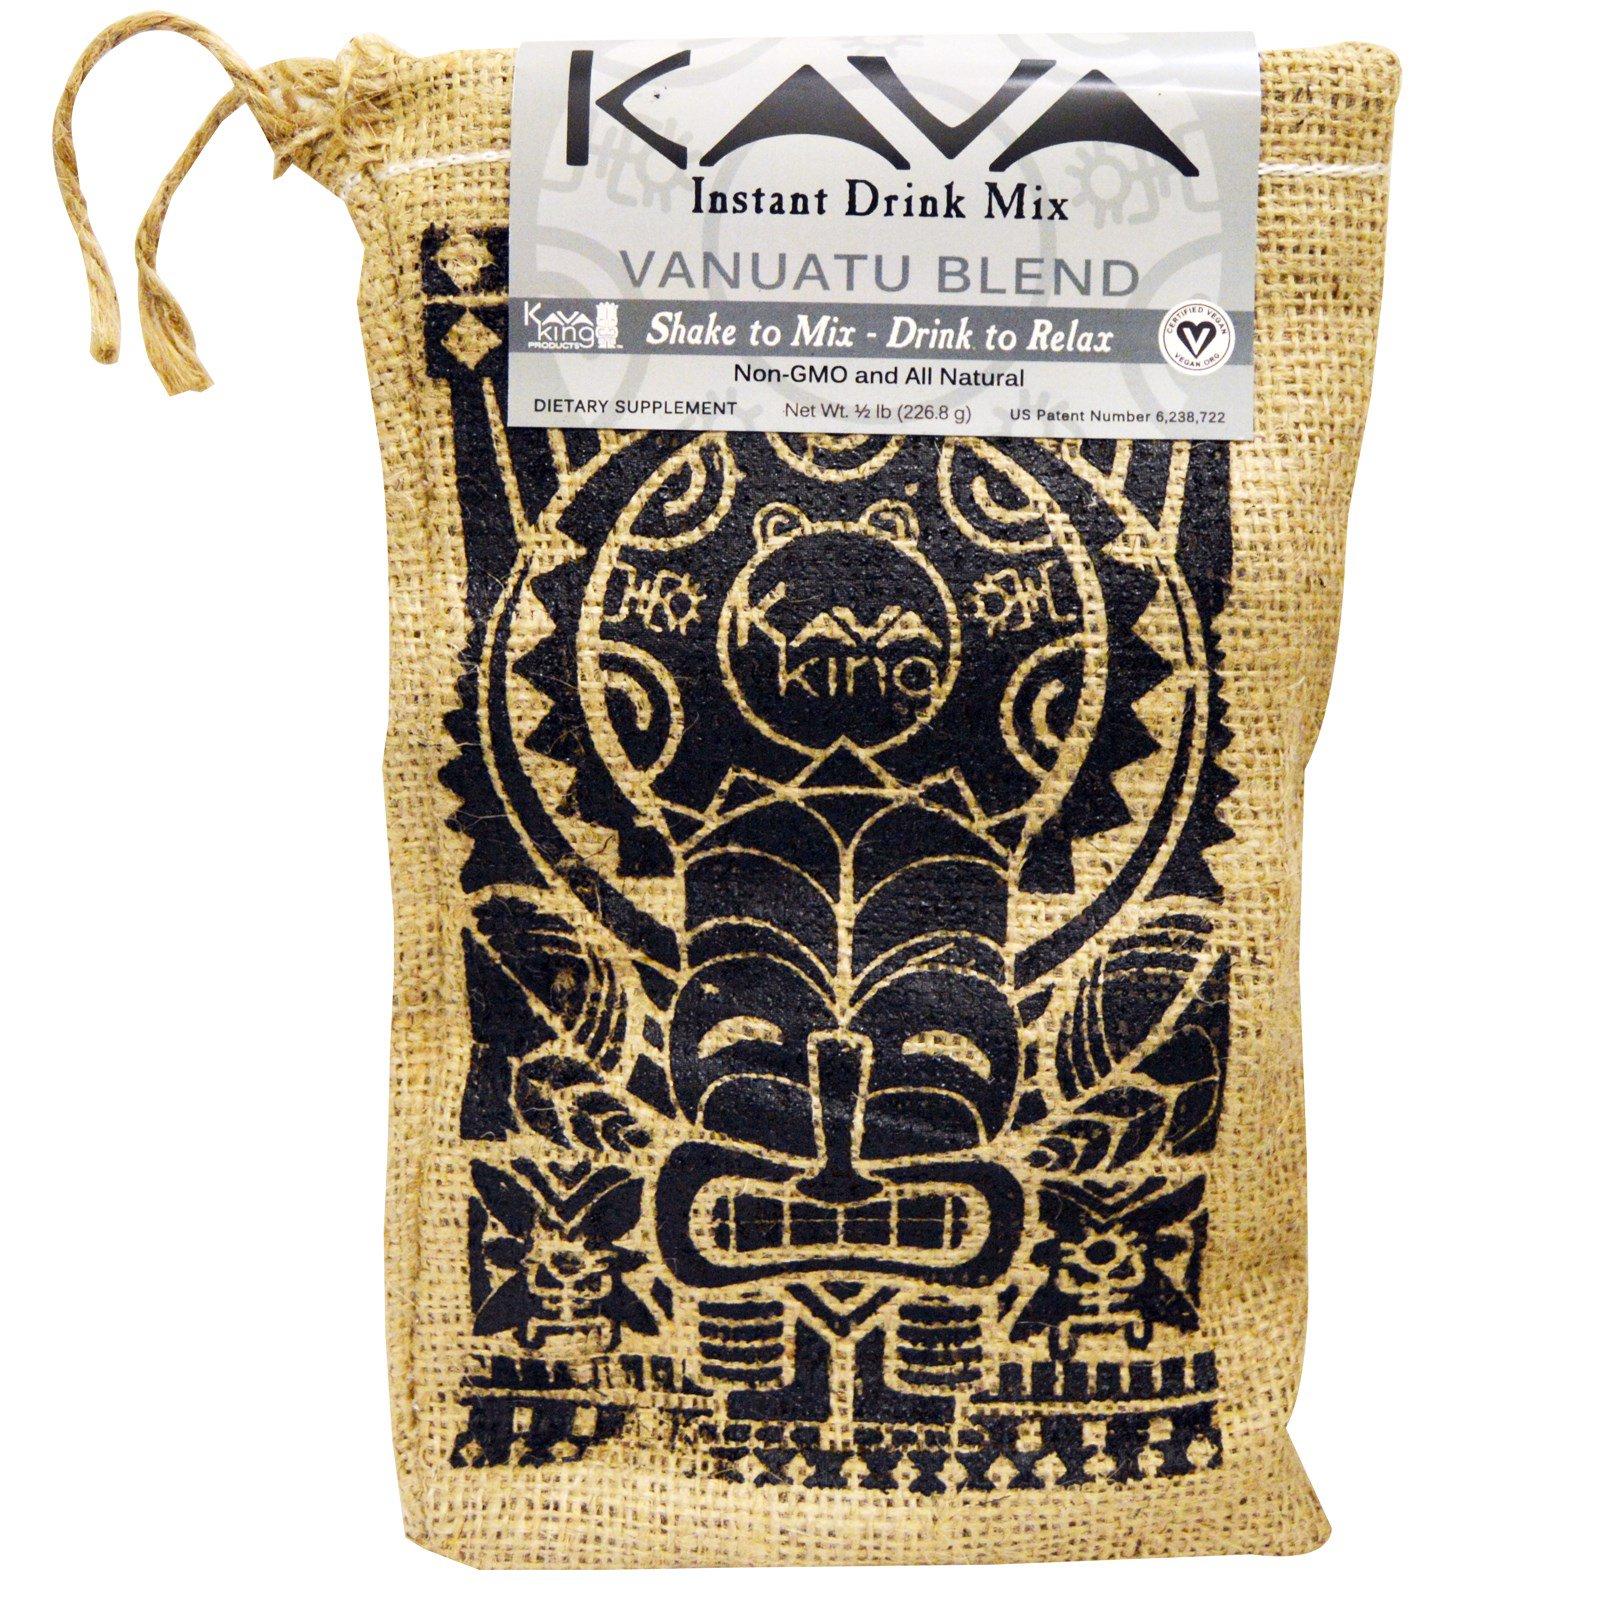 Kava King Products Inc, Растворимая смесь для напитков, смесь вануату, 0,5 фунта (226,8 г)